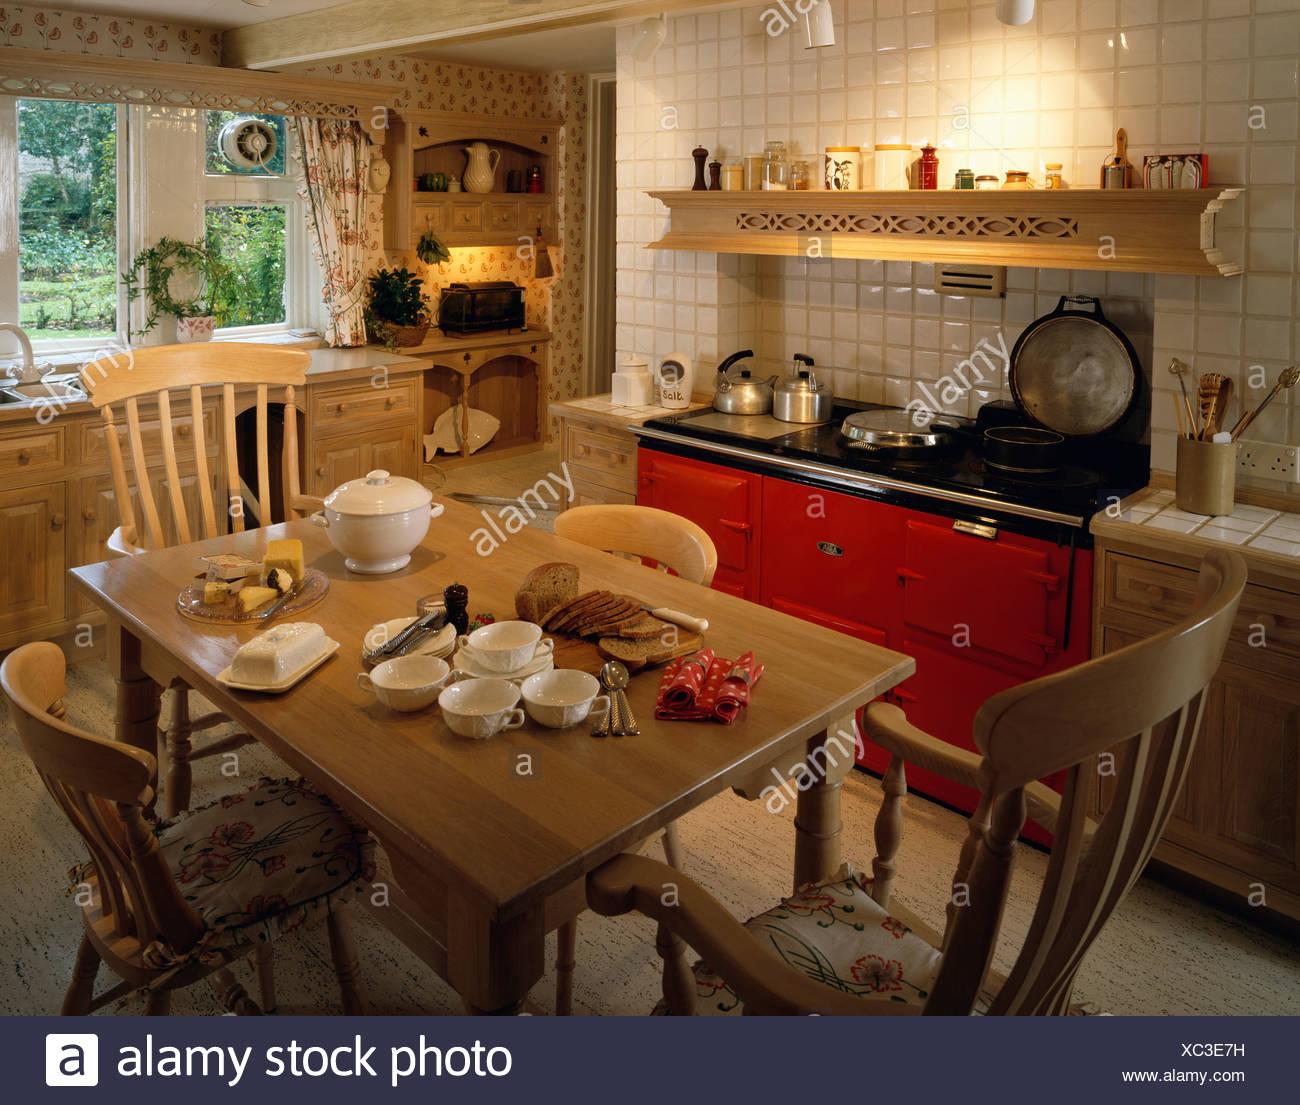 Tolle Deko Ideen Alte Bauernküche Bilder - Küchenschrank Ideen ...